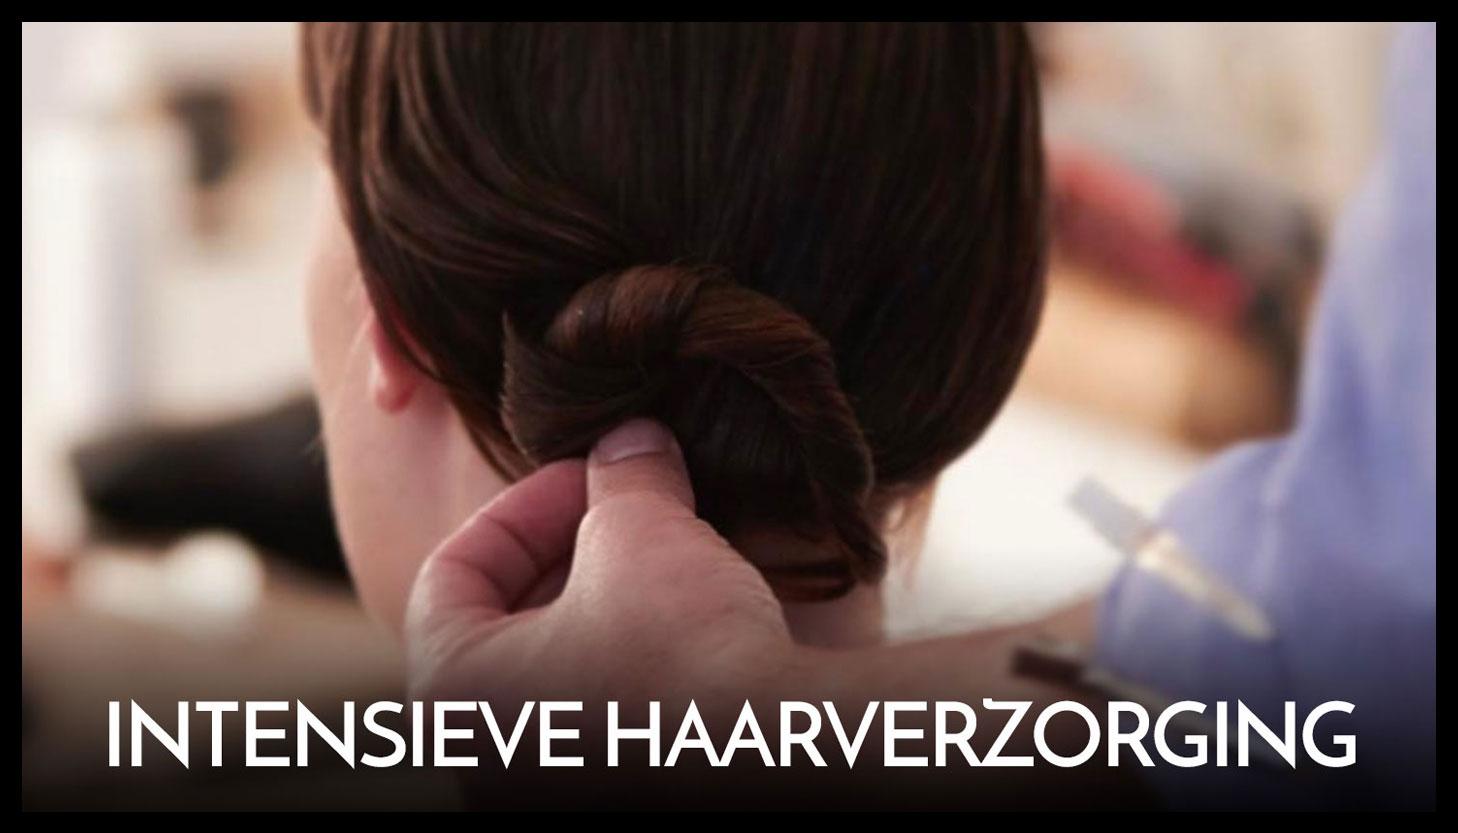 intensieve-haarverzorging-hover